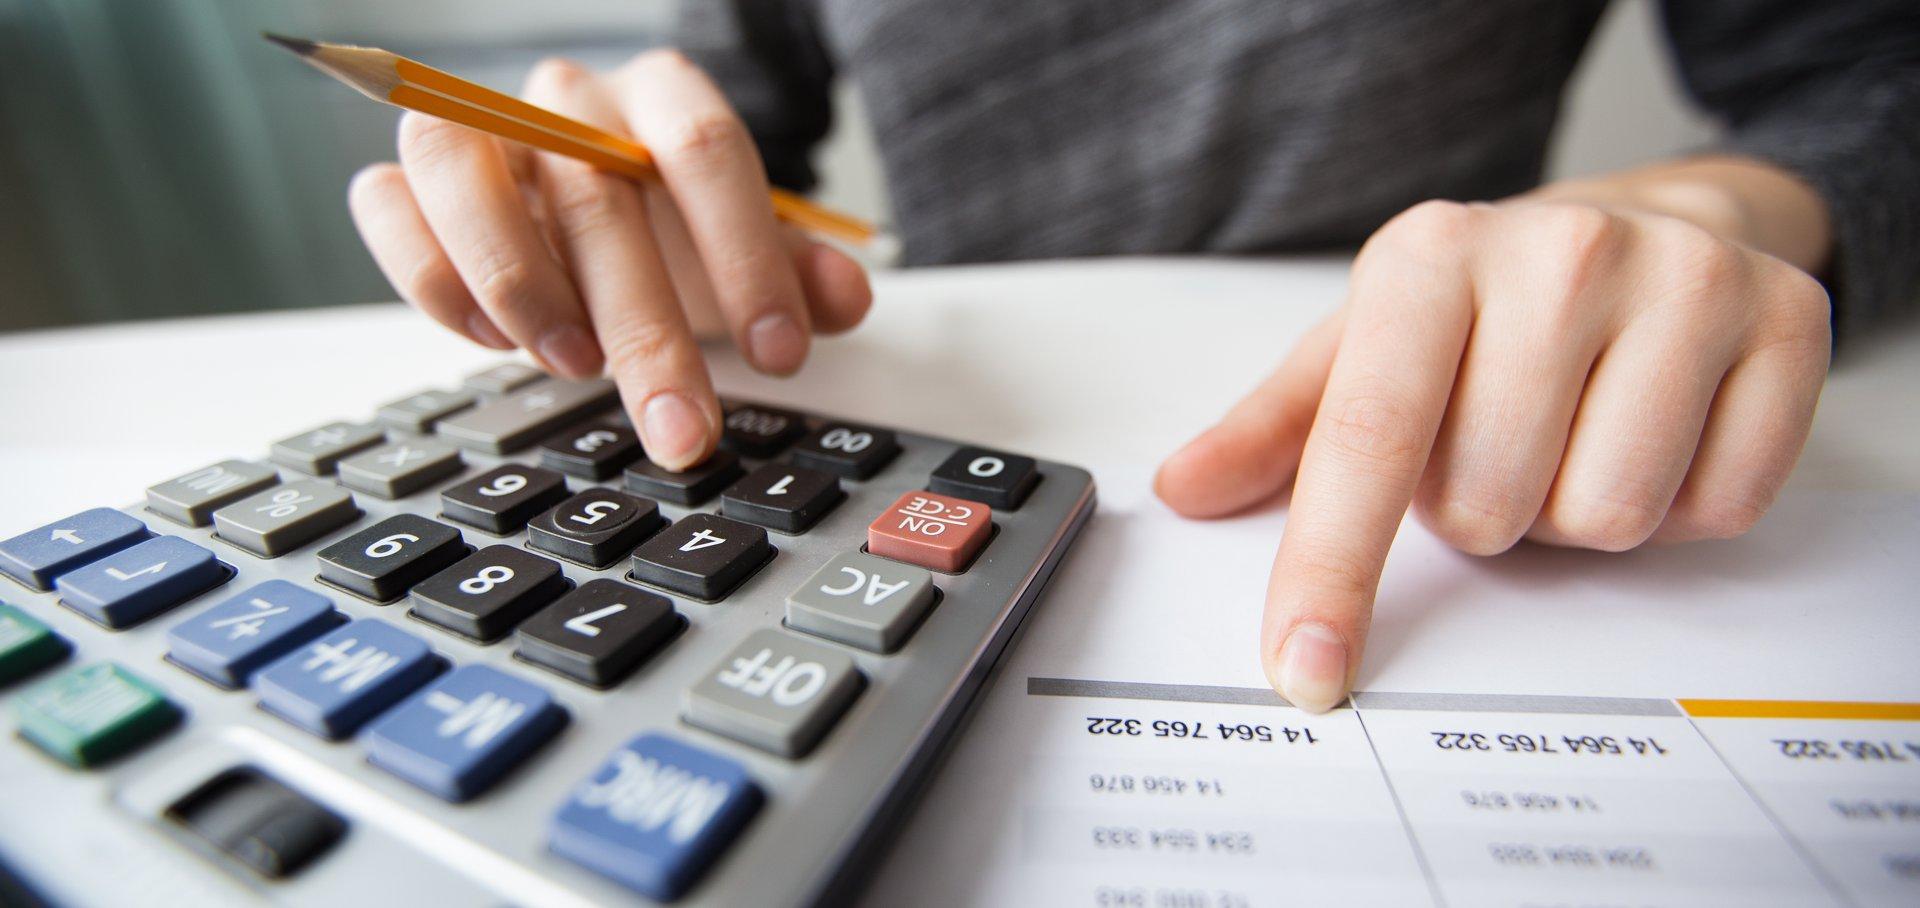 Ekonomia - daňové a ekonomické služby